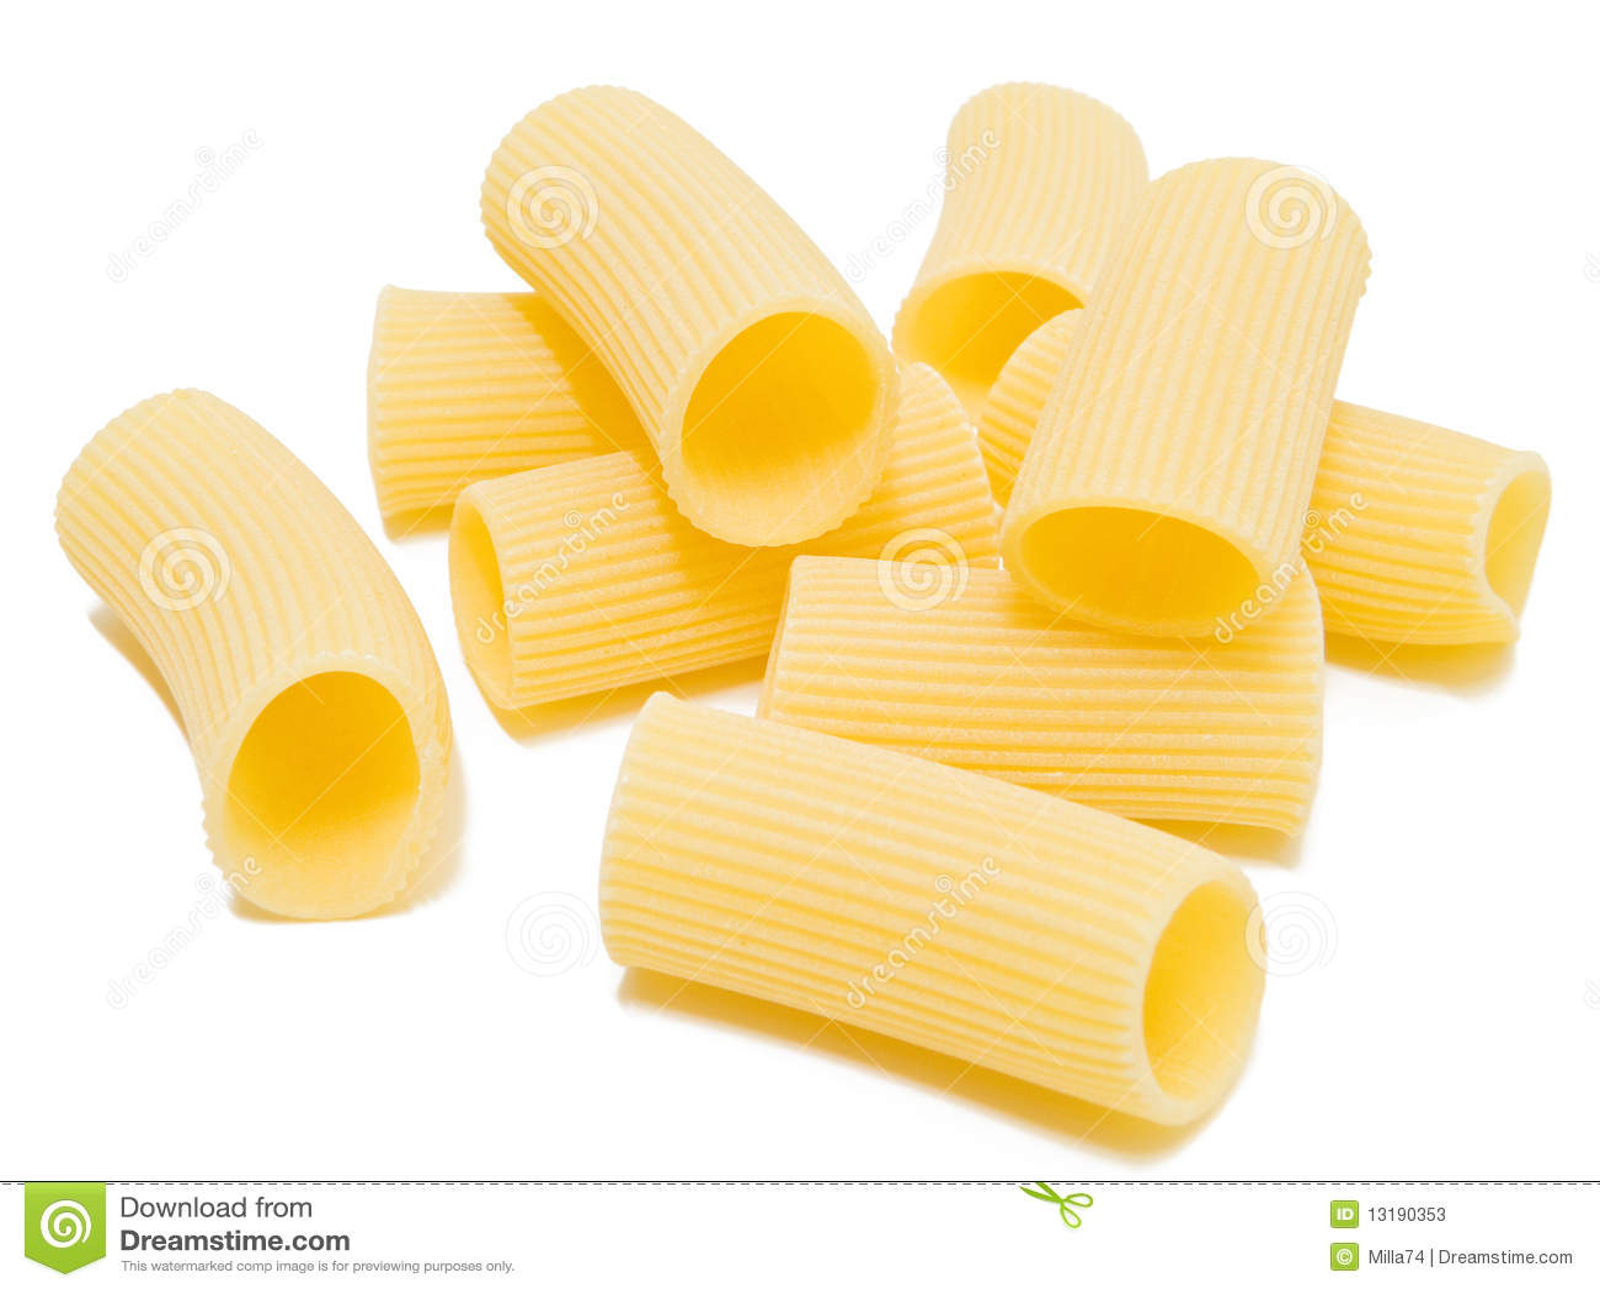 Rigatoni a isolé sur le blanc. Pâtes italiennes.